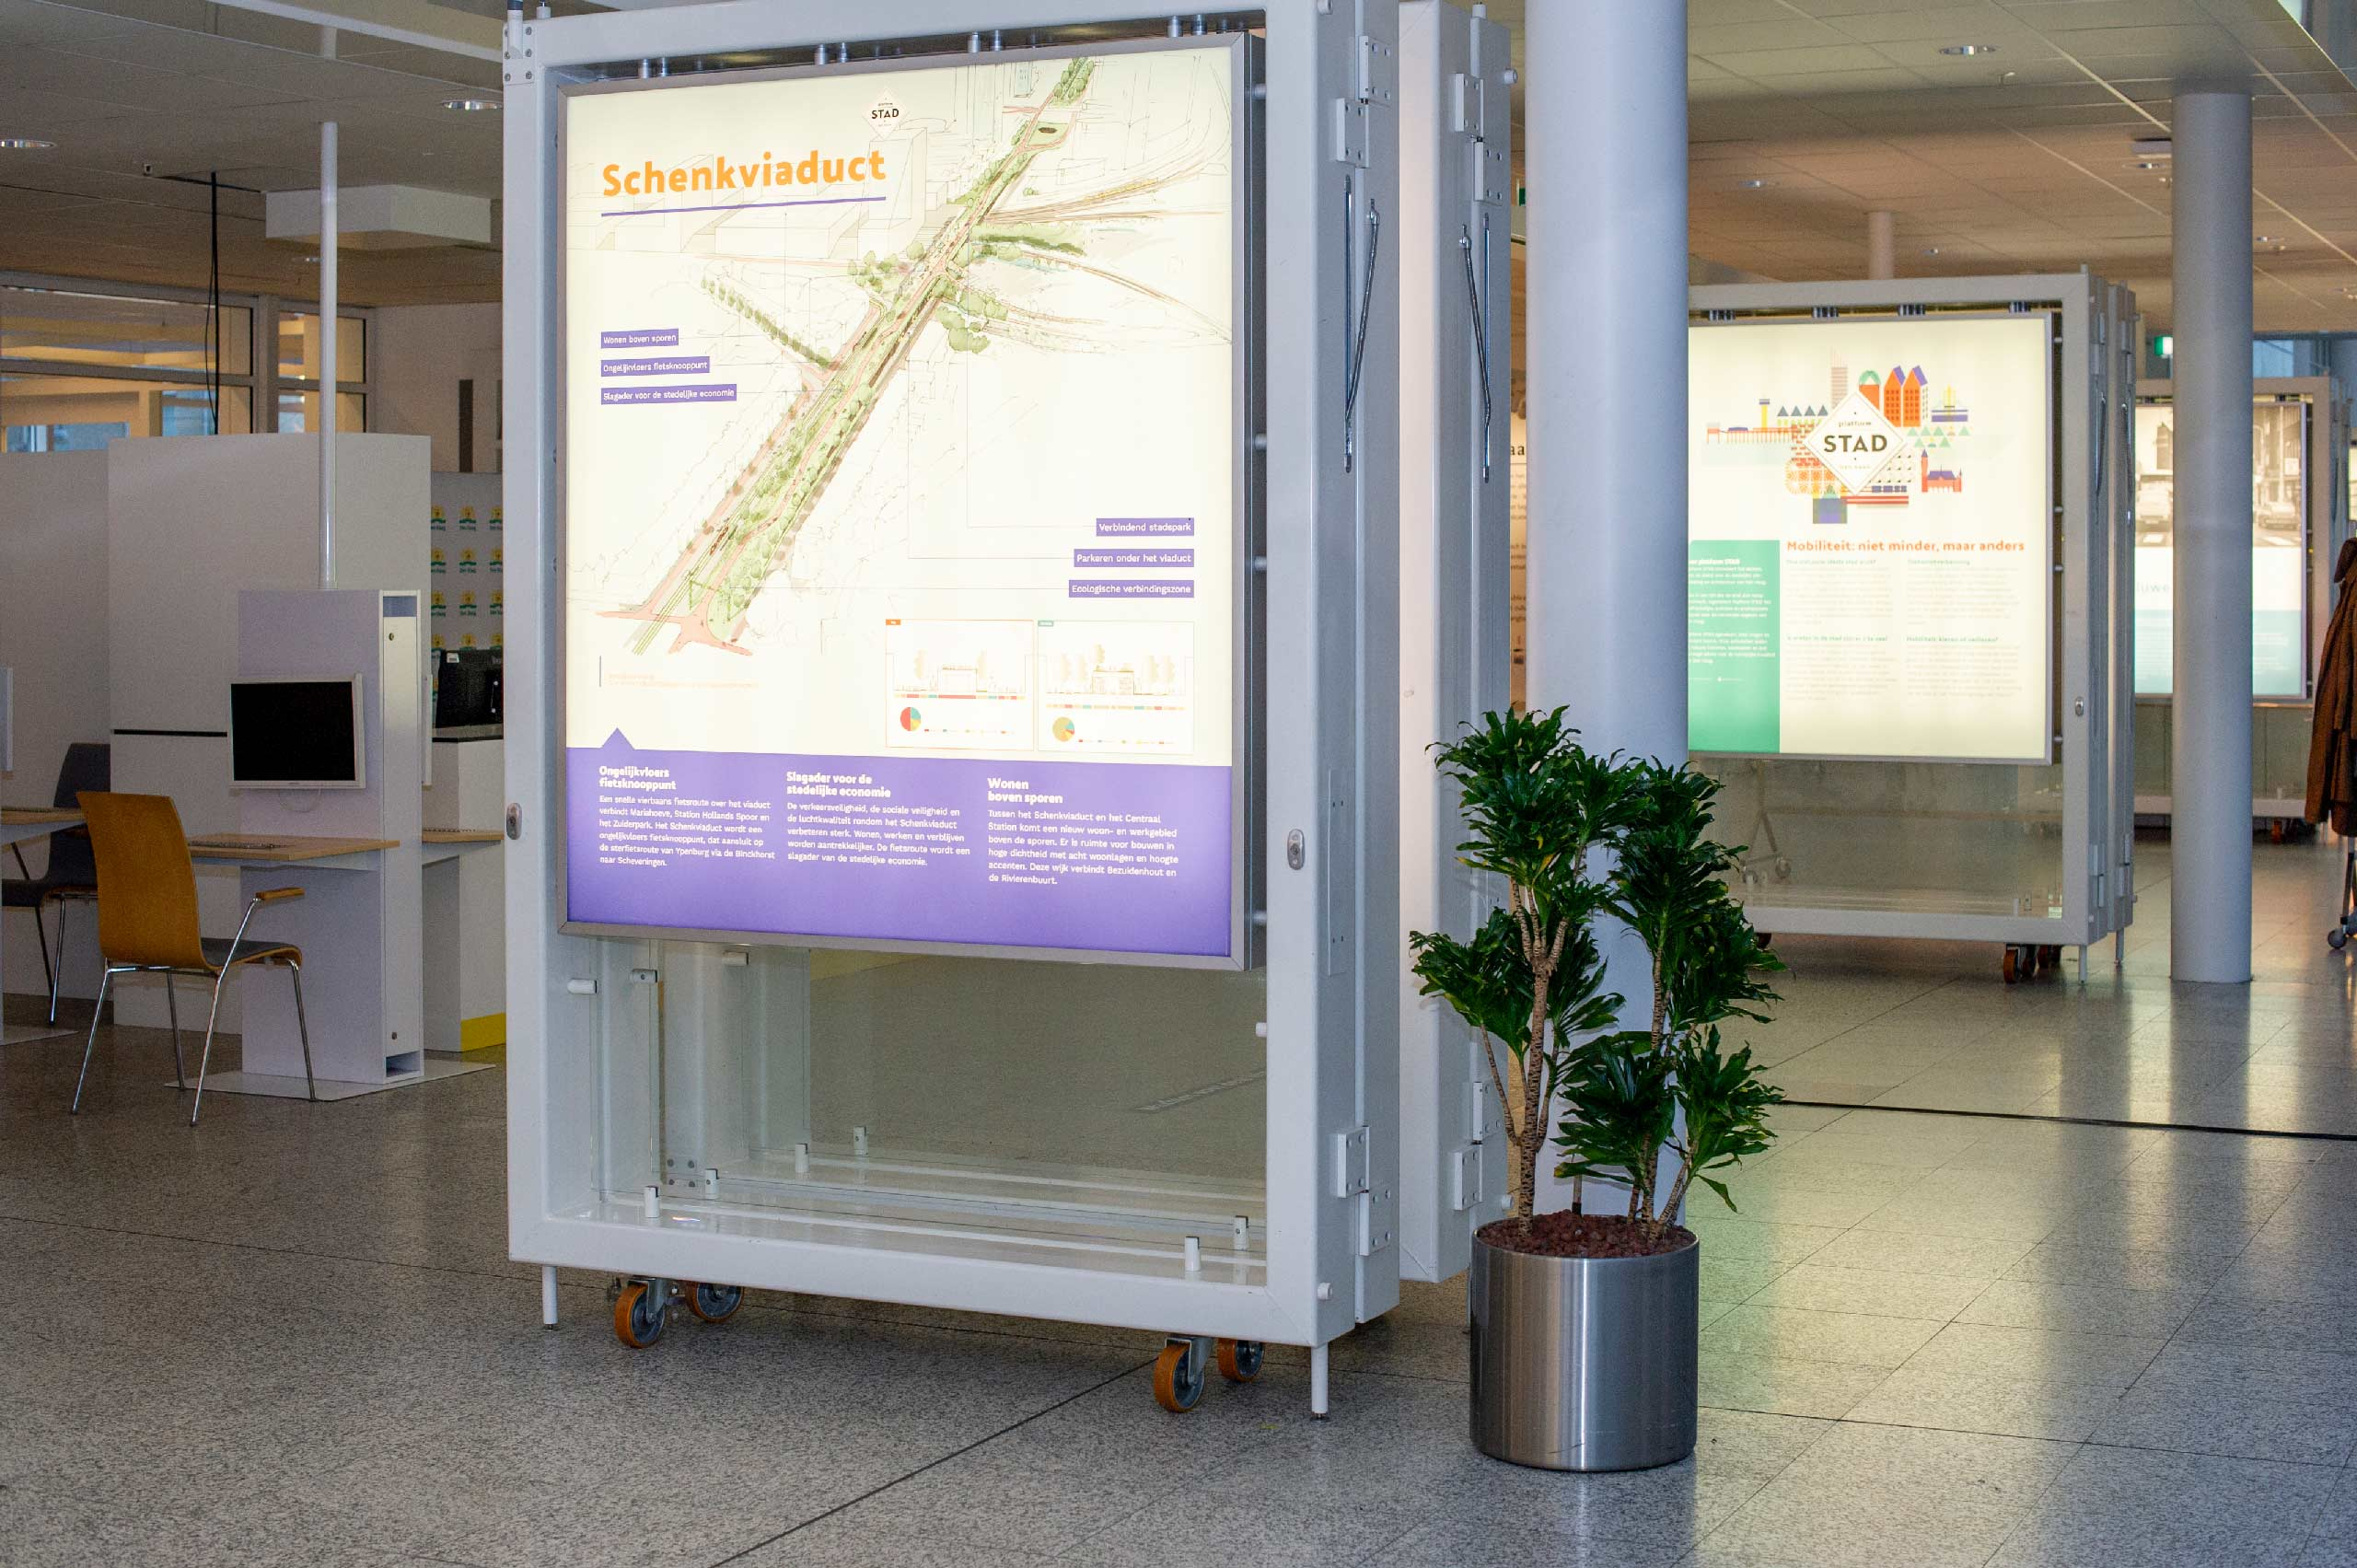 Platform STAD / expositie Mobiliteit